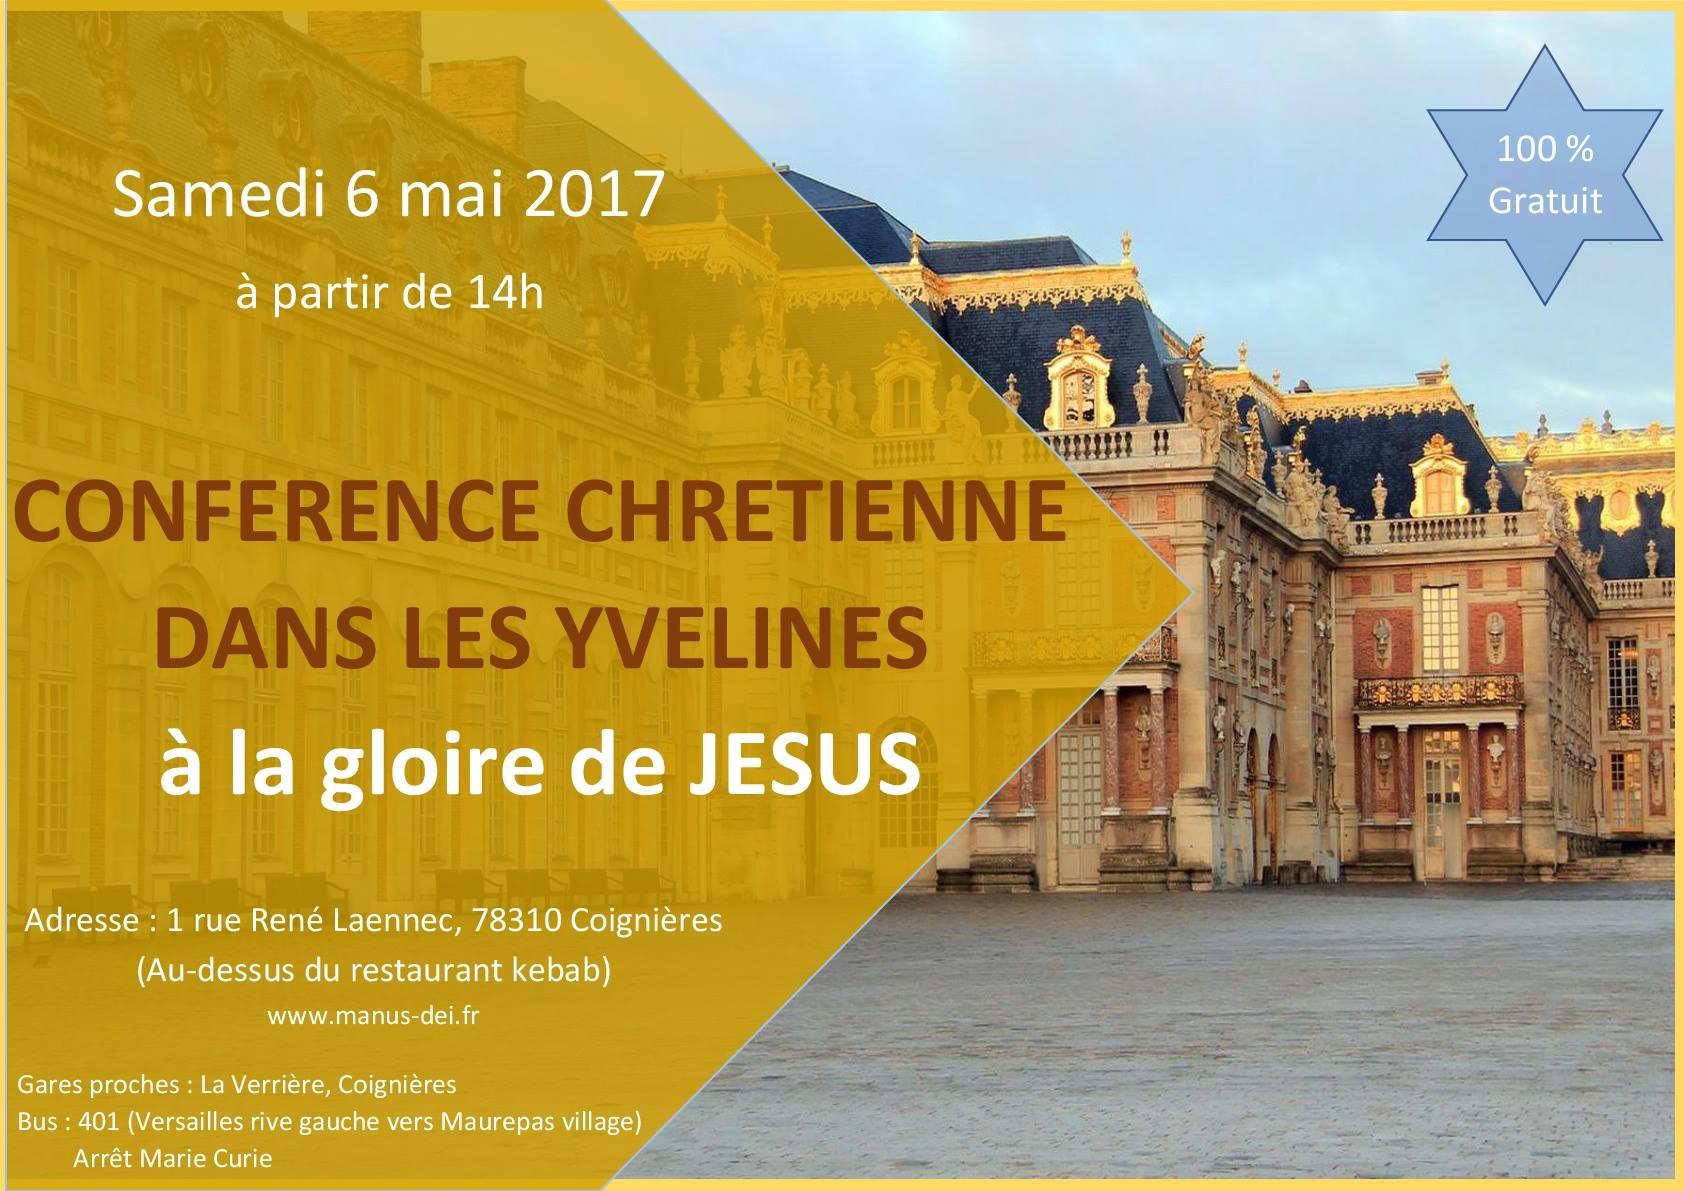 Conf rence chr tienne dans les yvelines 6 mai 2017 manus dei for Visite gratuite dans les yvelines